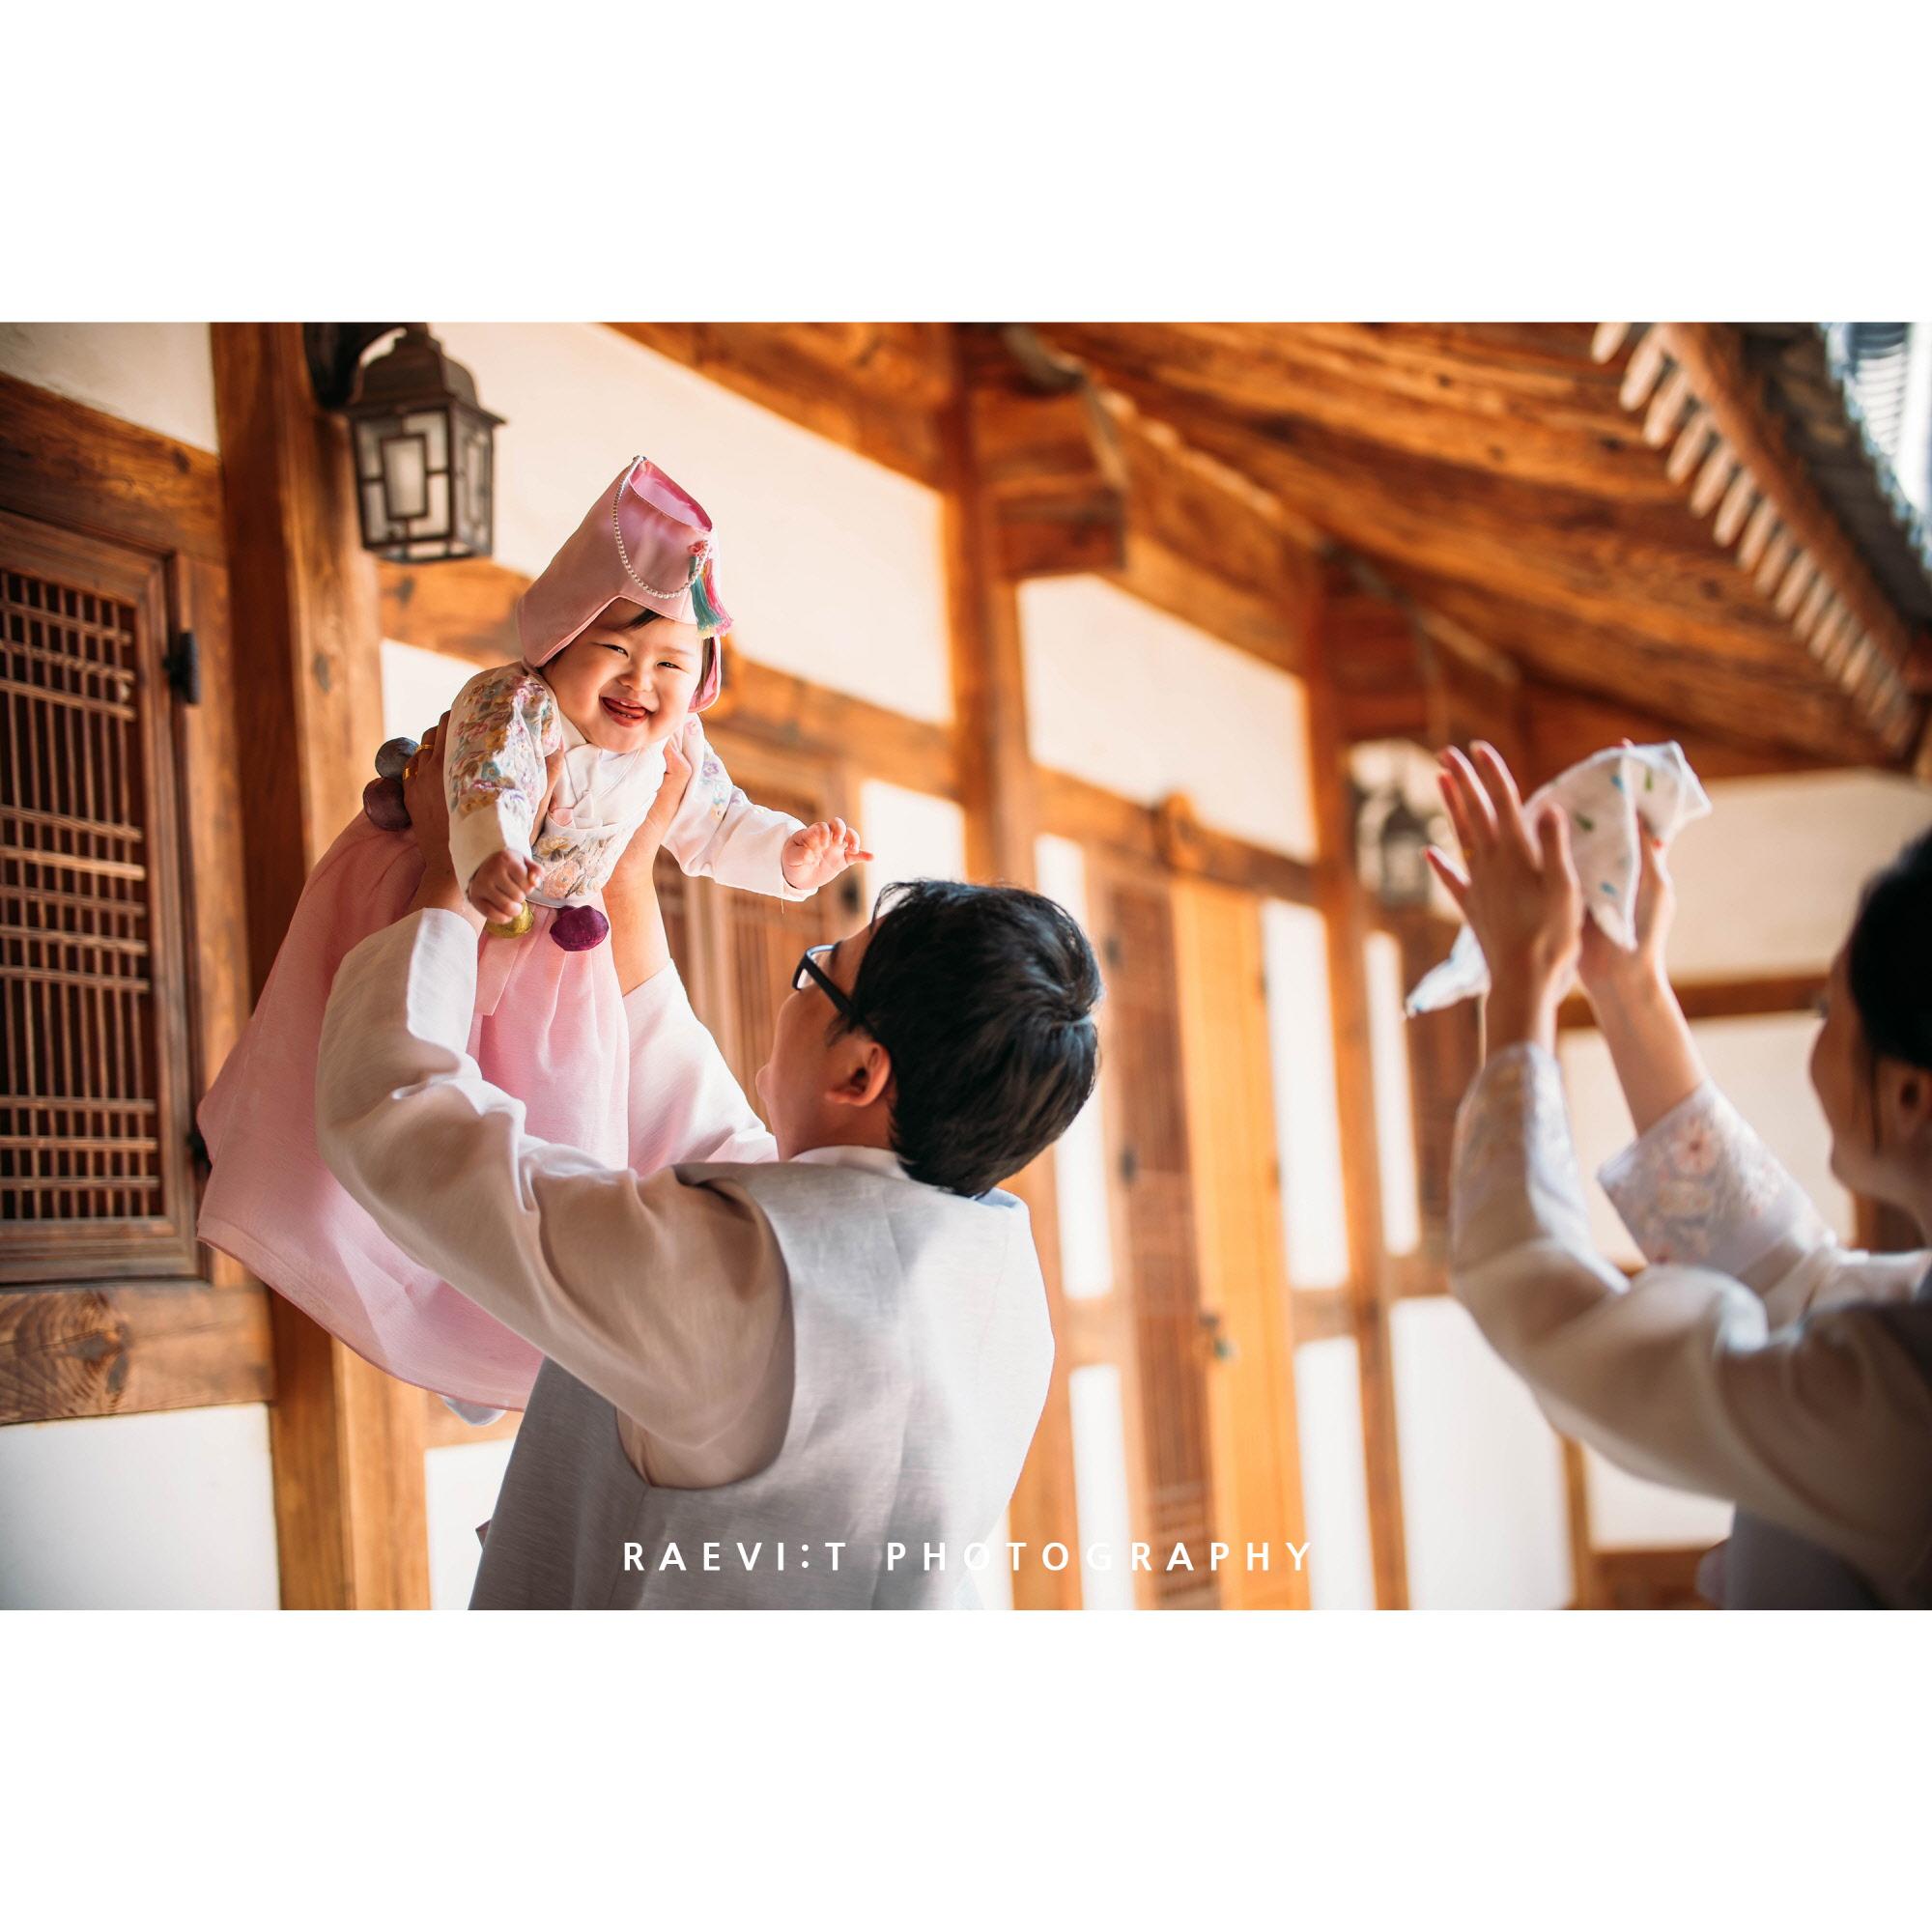 김해소규모돌잔치_한옥체험관돌스냅_래빛스냅_032.jpg